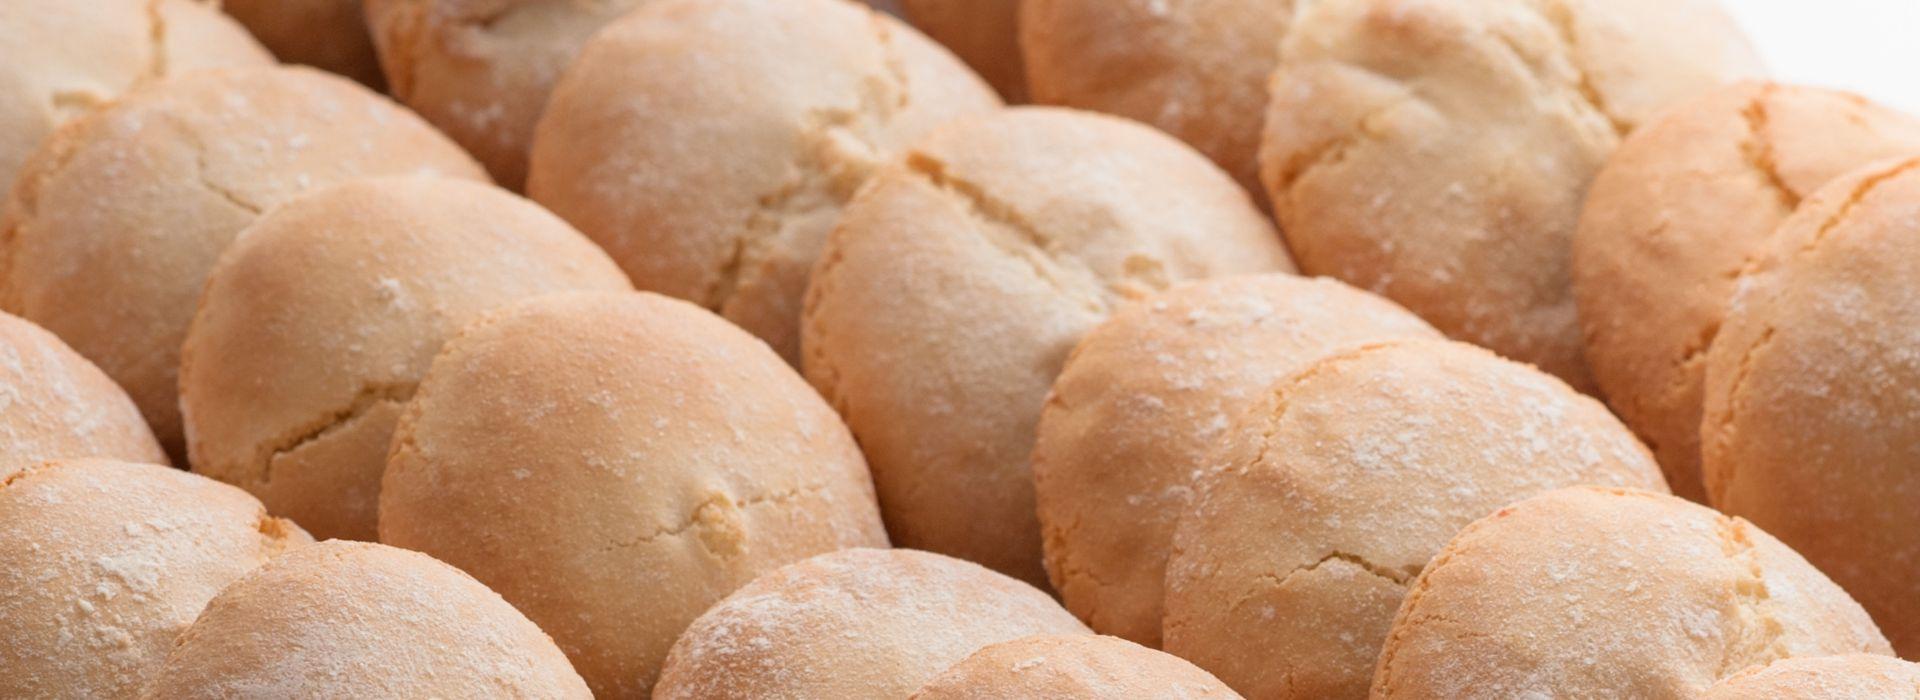 Amarguillos, pastas de almendra típicas de Tordesillas